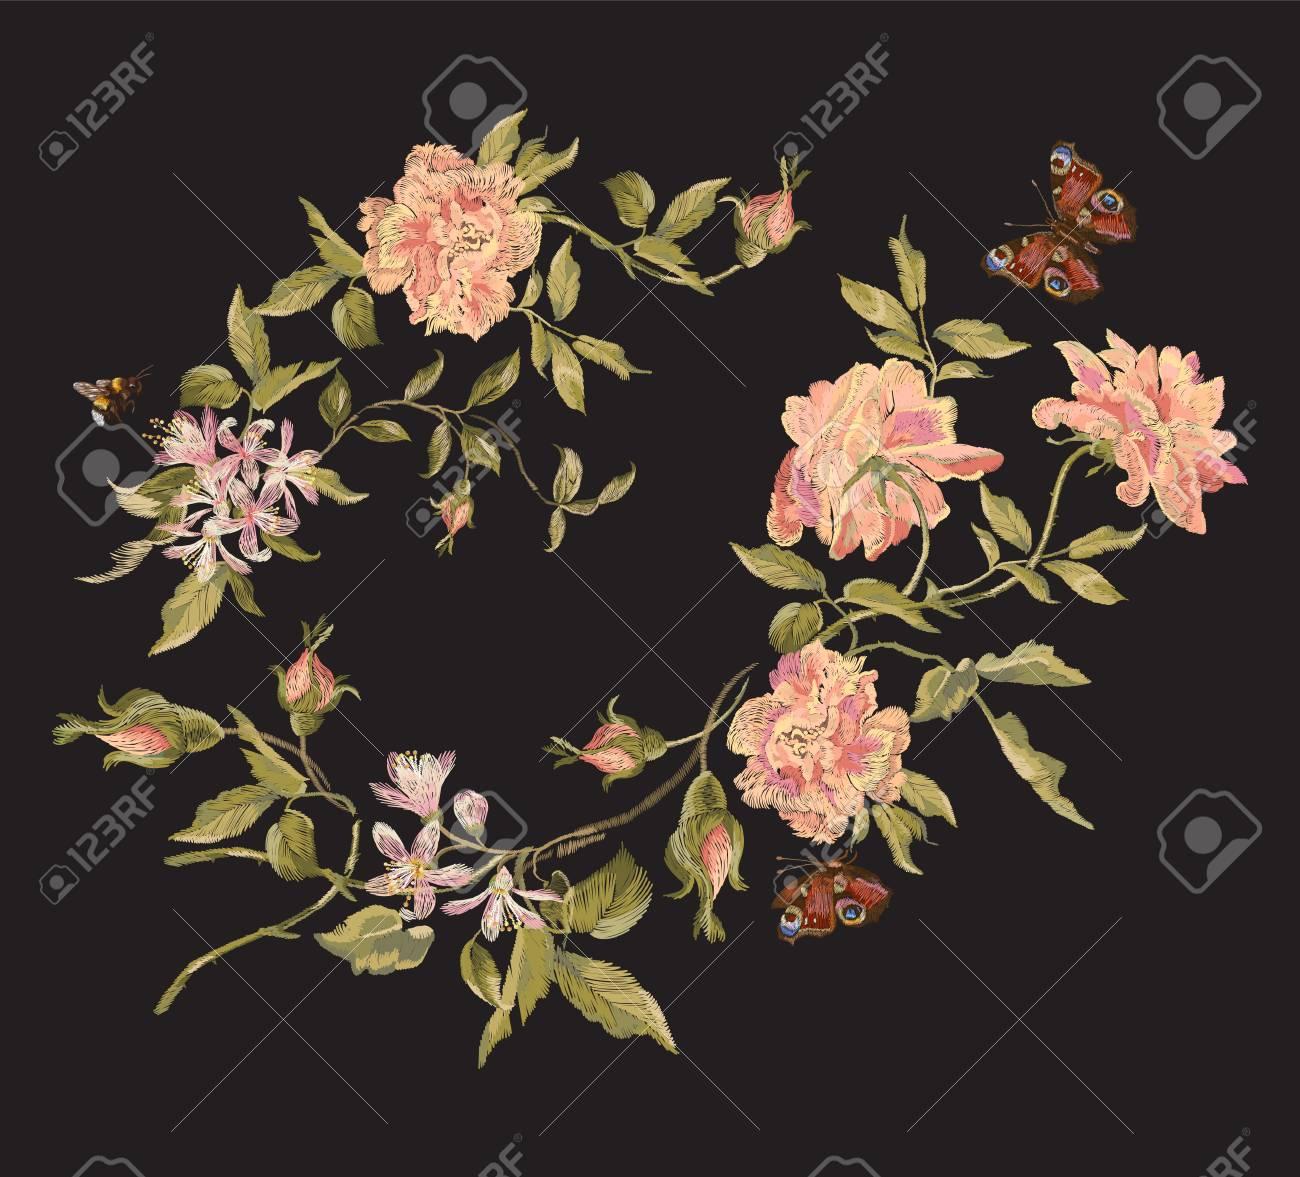 Patrón Floral Bordado De La Moda Con Peonías Salvajes Y Mariposas ...